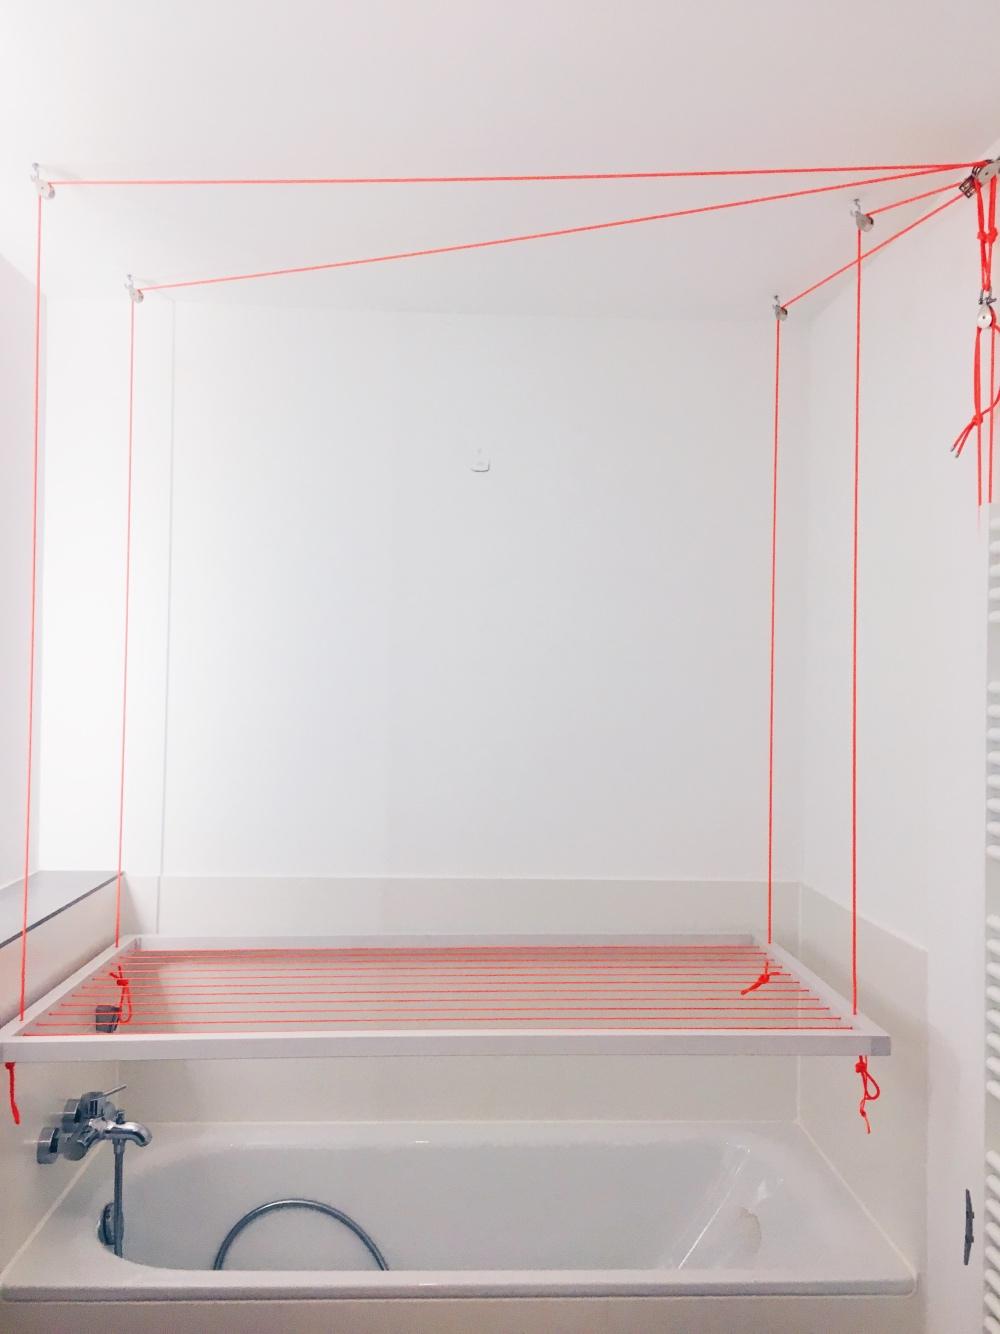 der stylishste und genialste w schest nder ever fourhang auf 4 augen sehen mehr. Black Bedroom Furniture Sets. Home Design Ideas